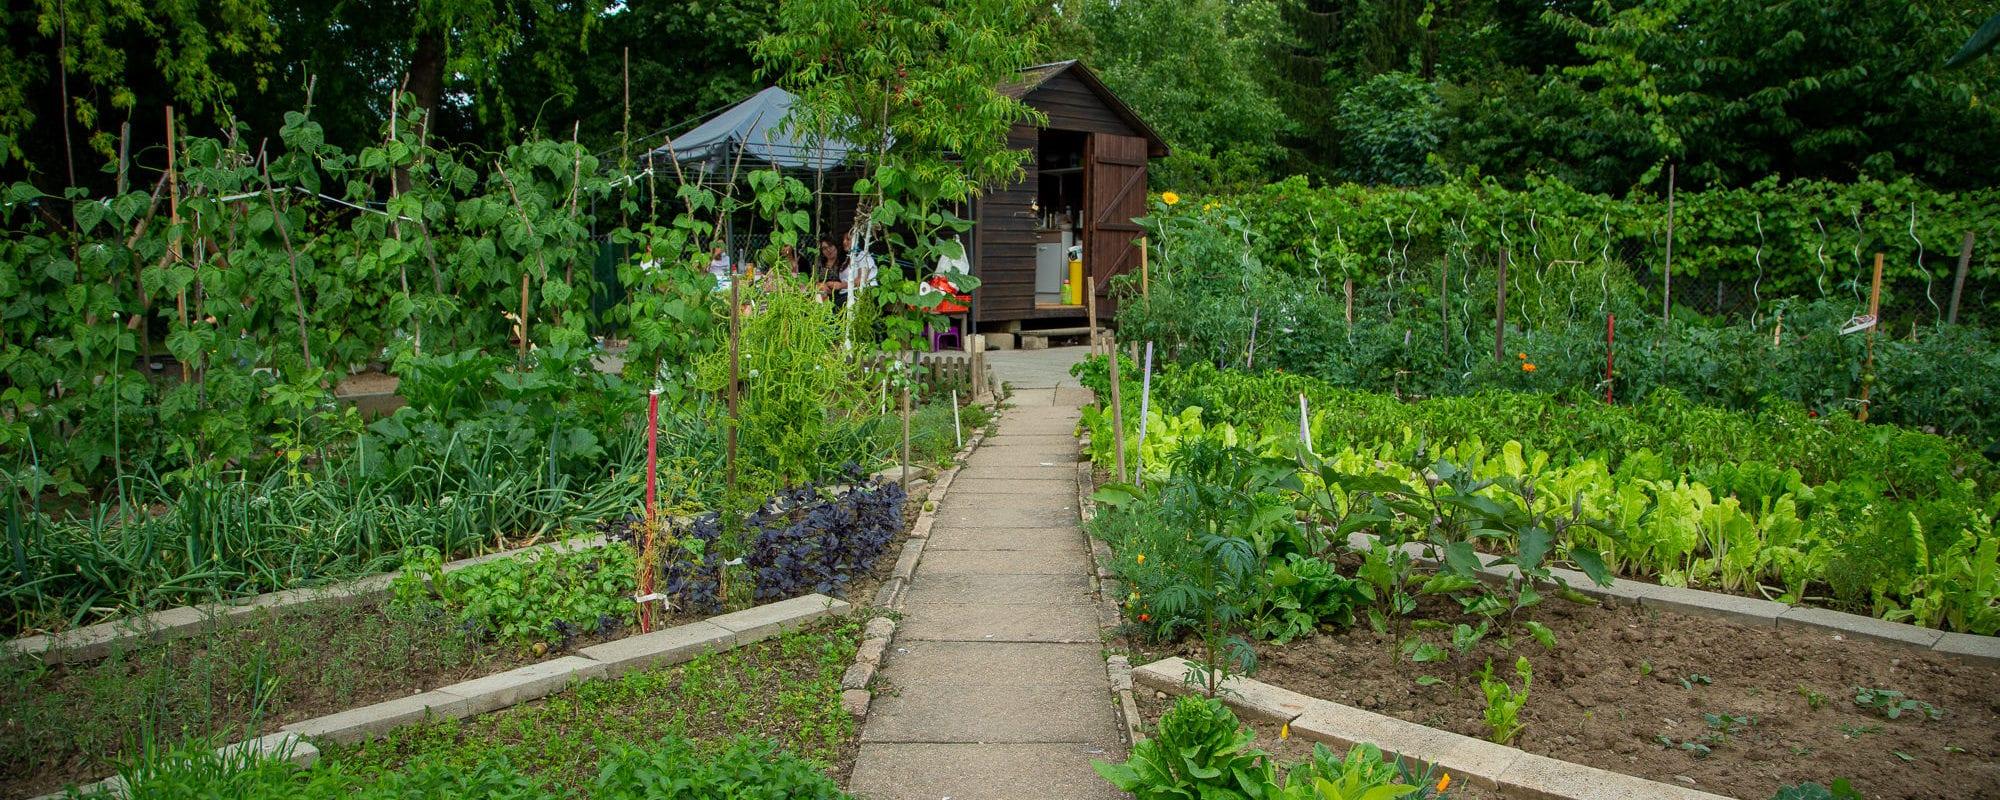 La société rêvée des jardins familiaux